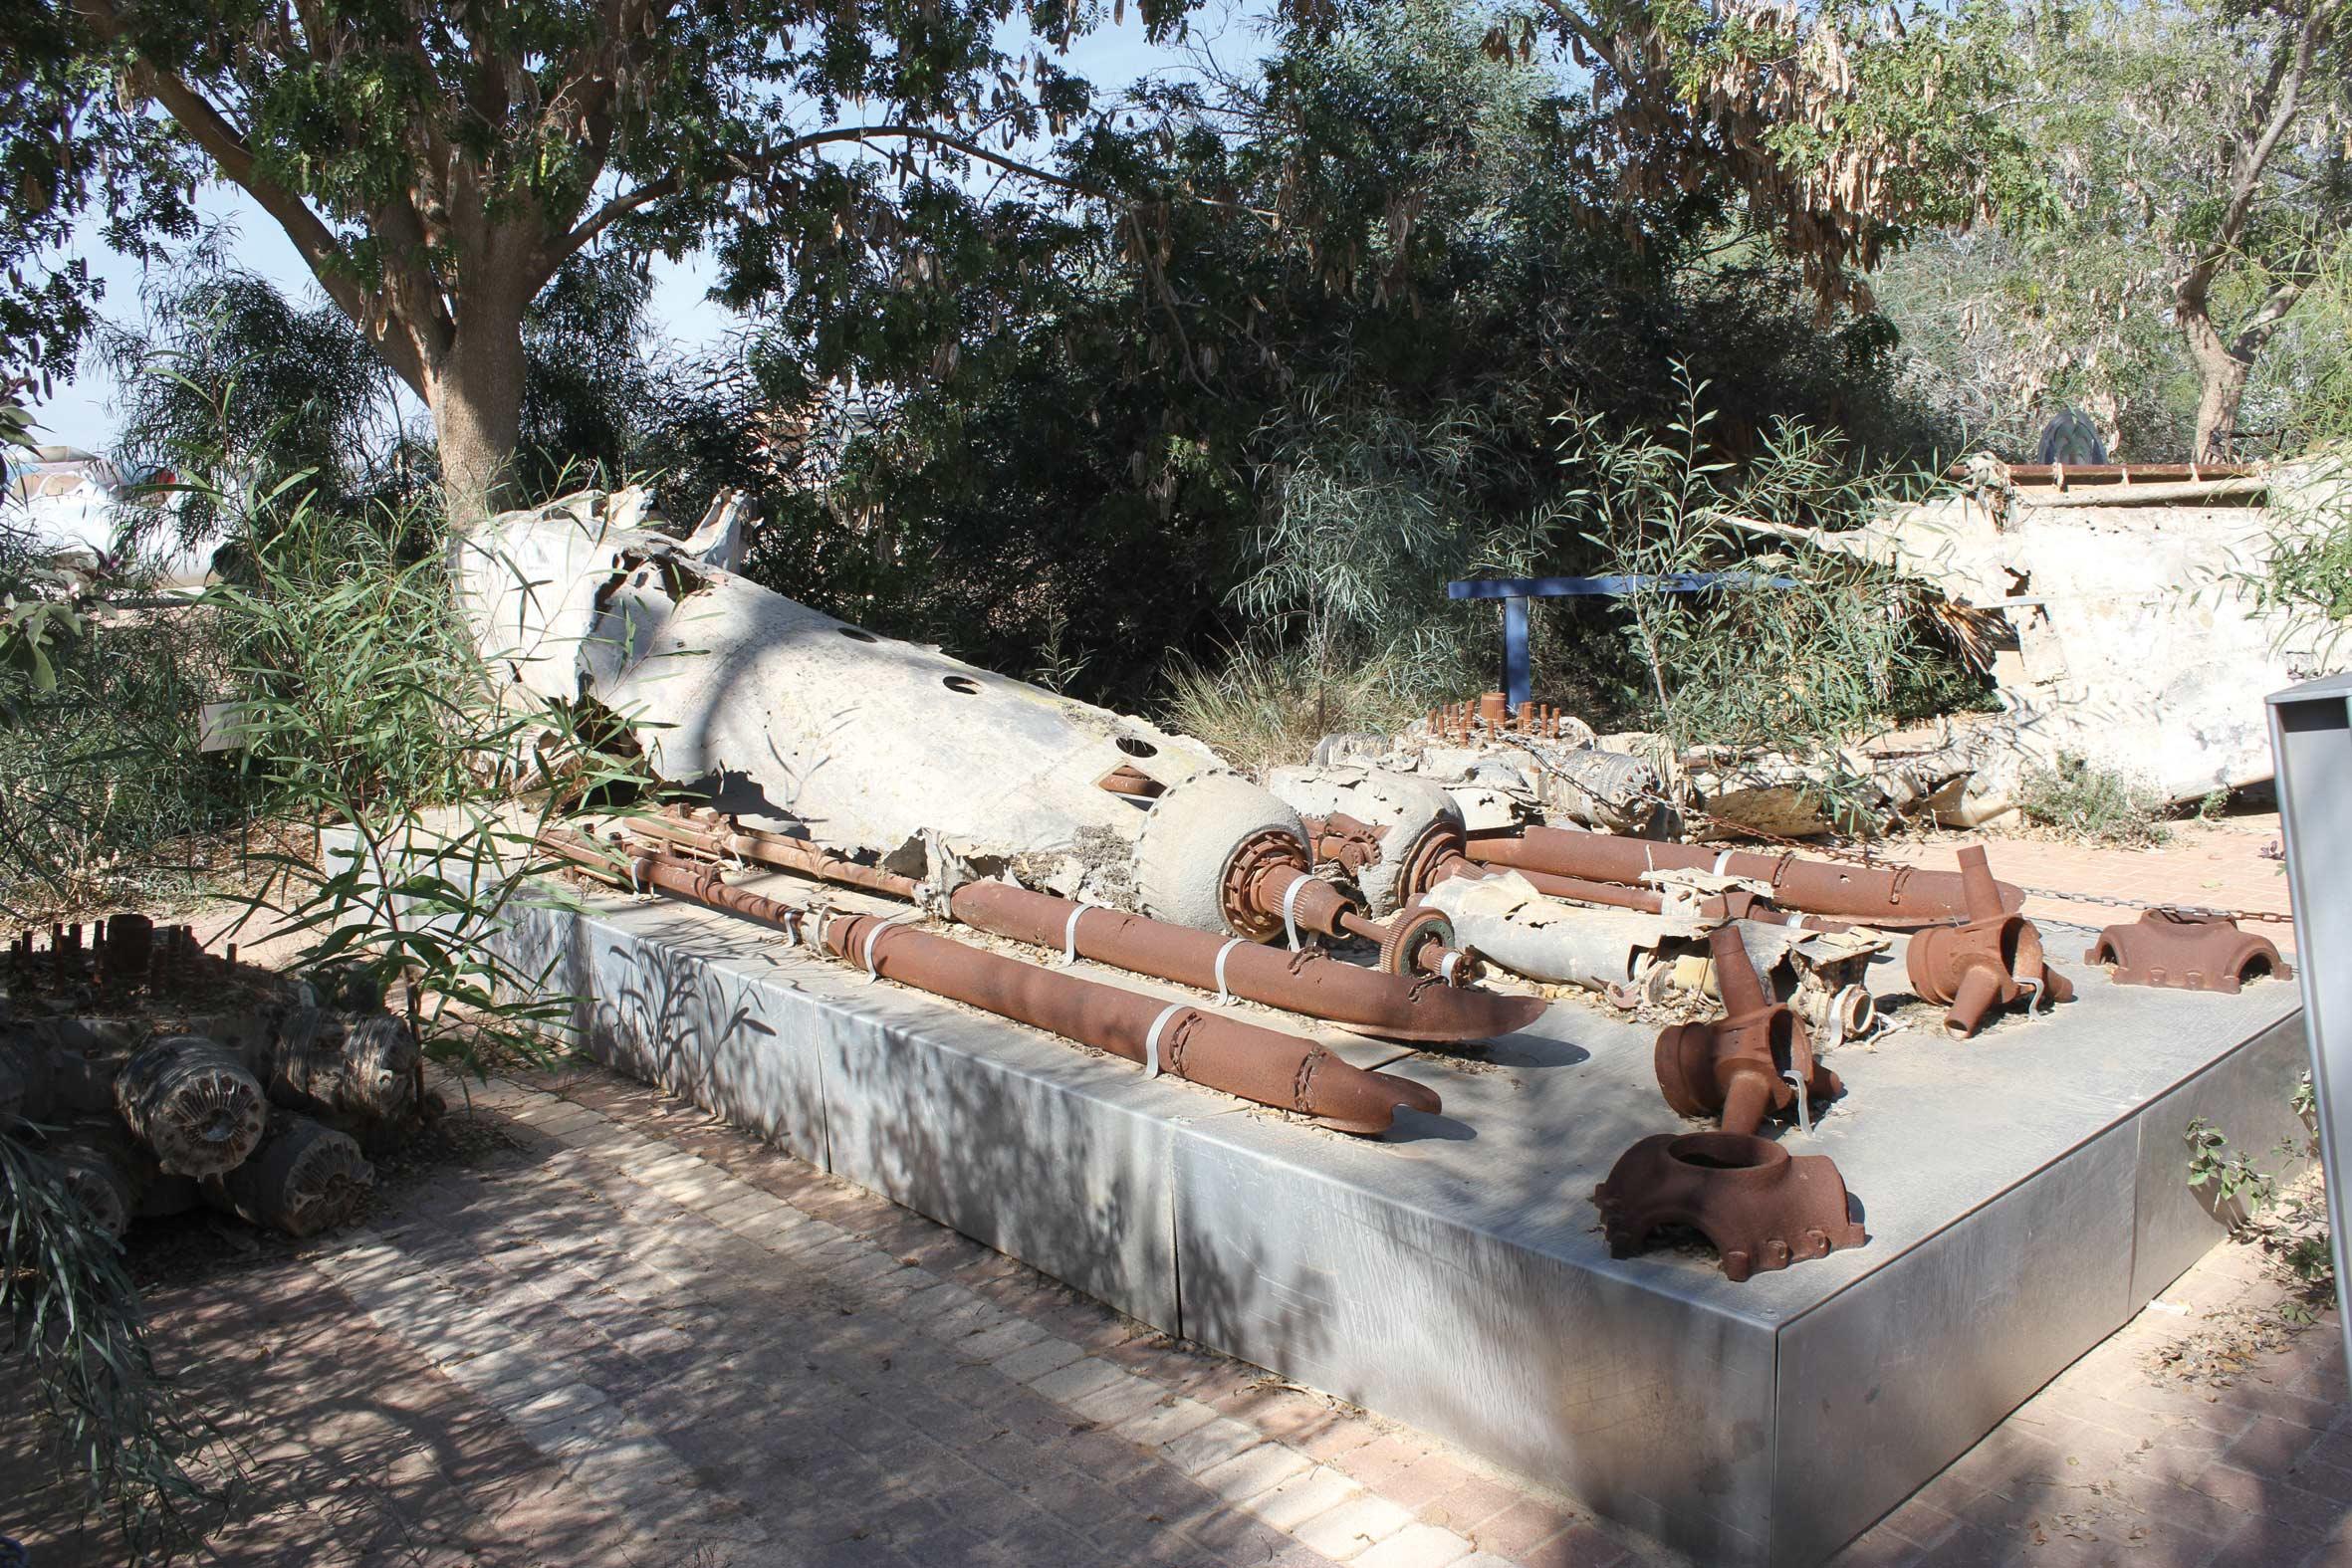 שרידי הבופייטר הישראלי שהופל בחולות אשדוד המוצגים כיום באנדרטה במוזאון חיל האוויר